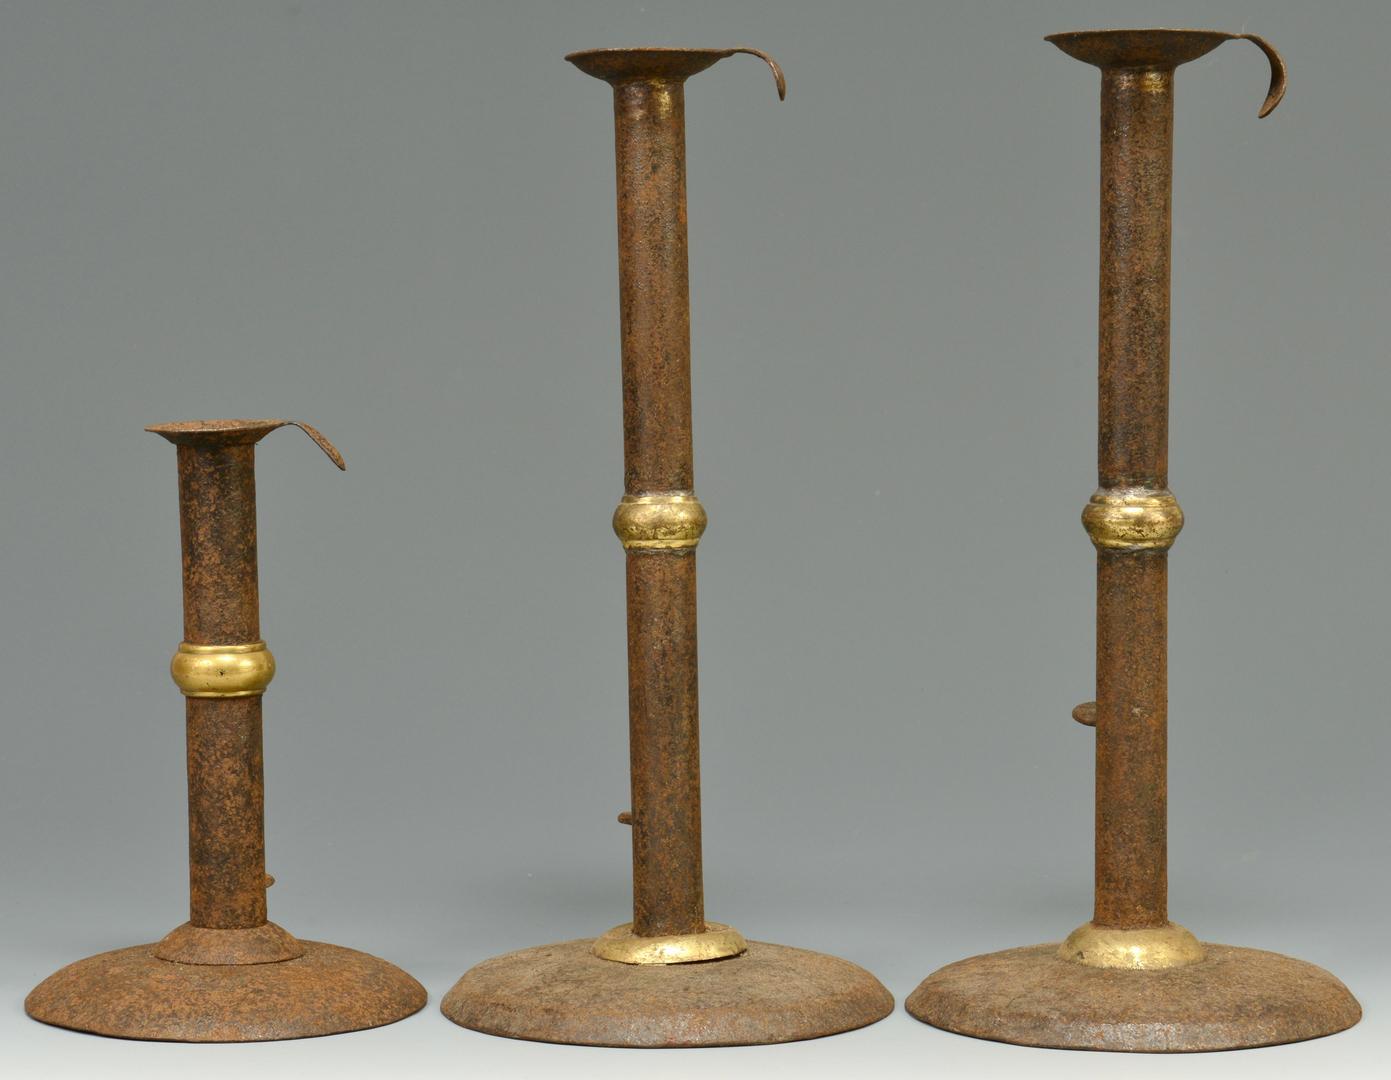 Lot 3088116: 3 Brass Wedding Band Hogscraper Candlesticks